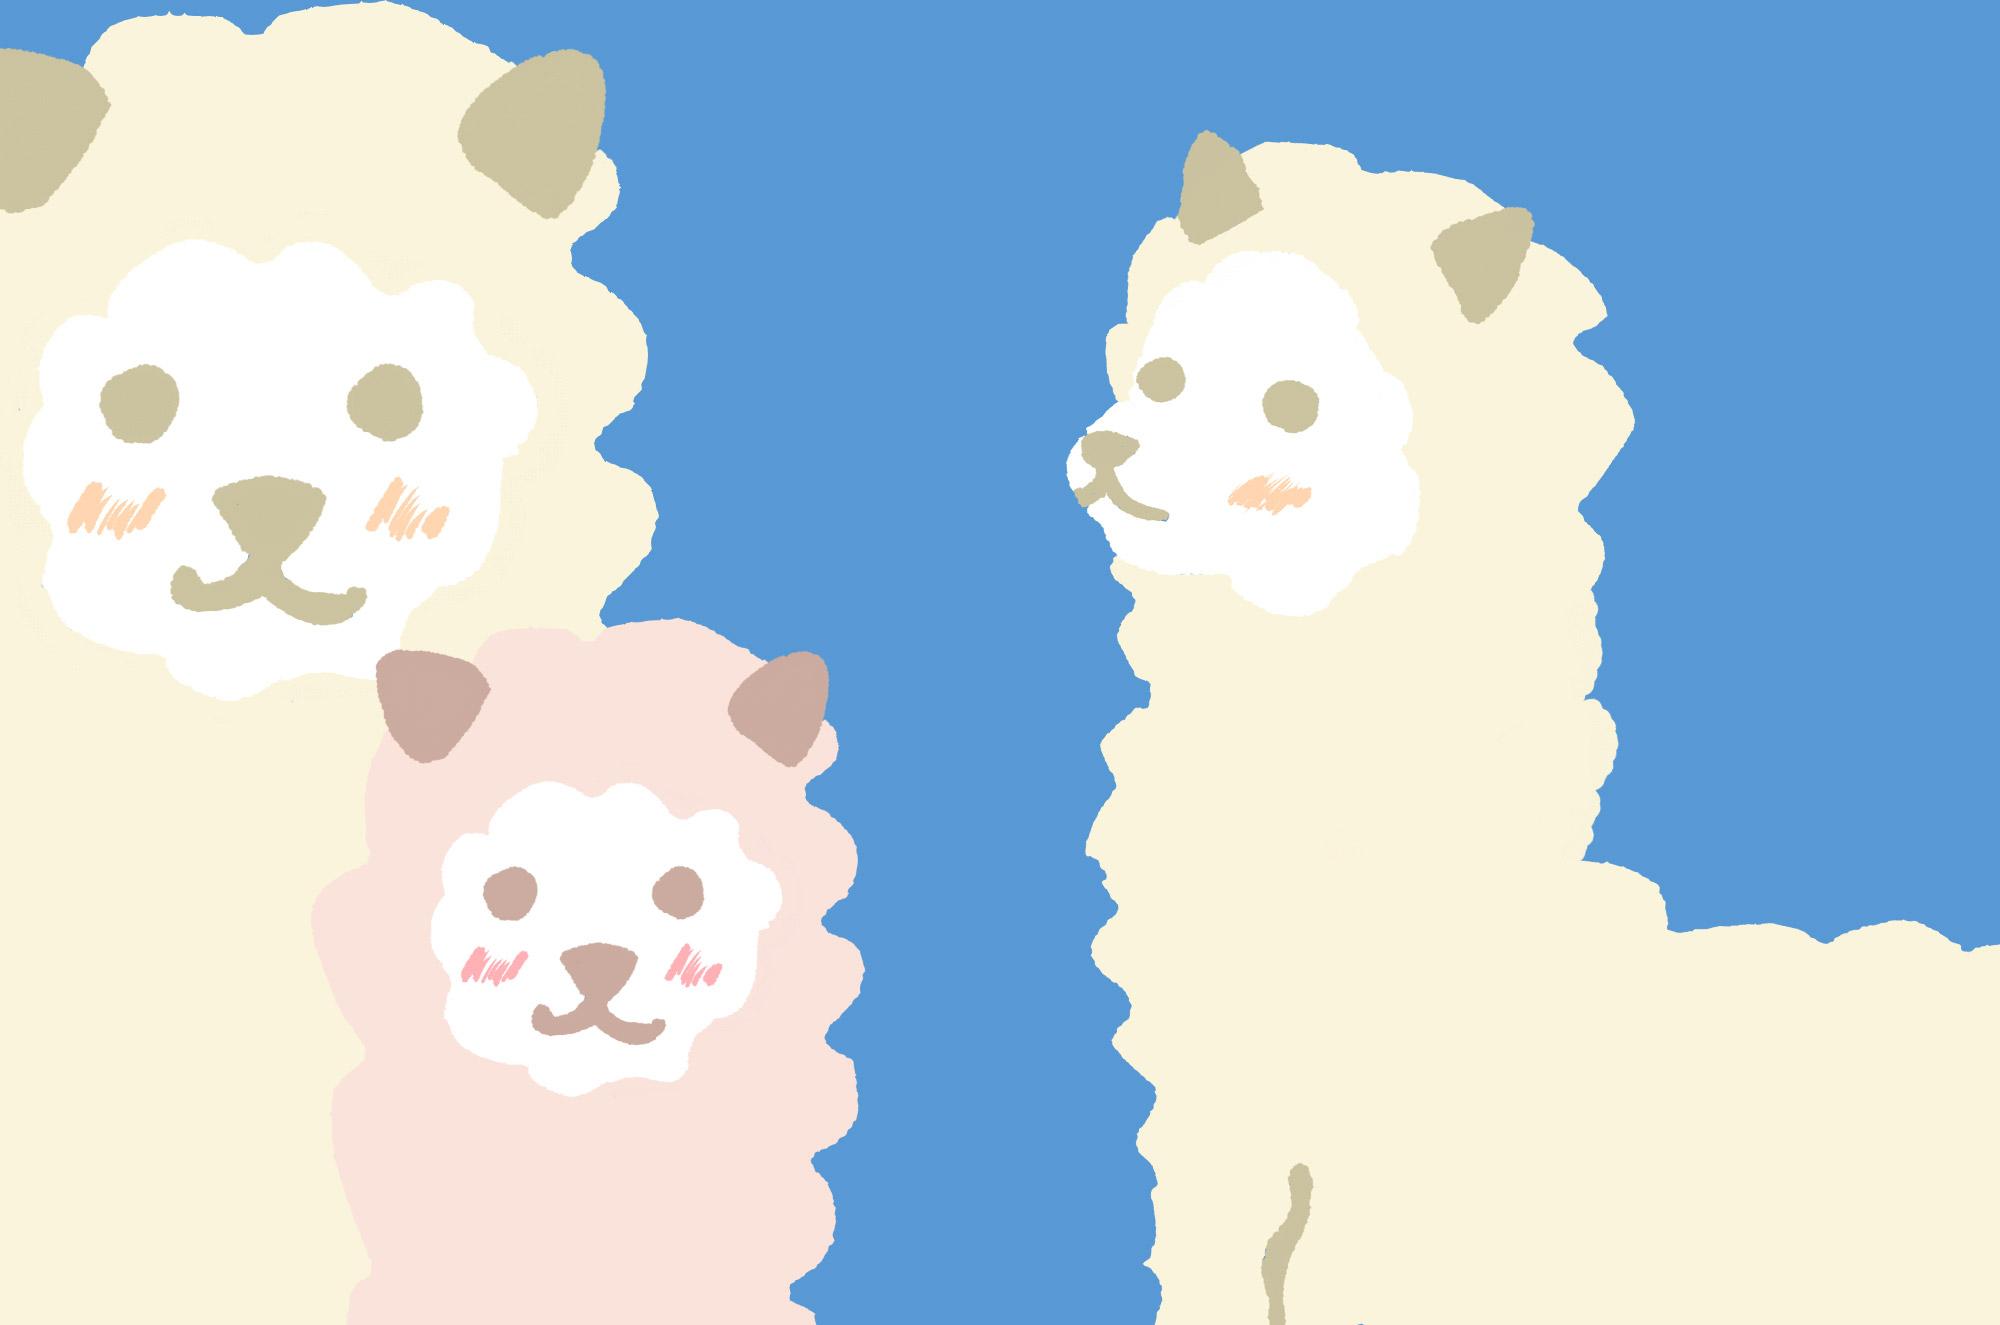 可愛いアルパカのイラスト - もふもふ可愛いキャラクター - チコデザ